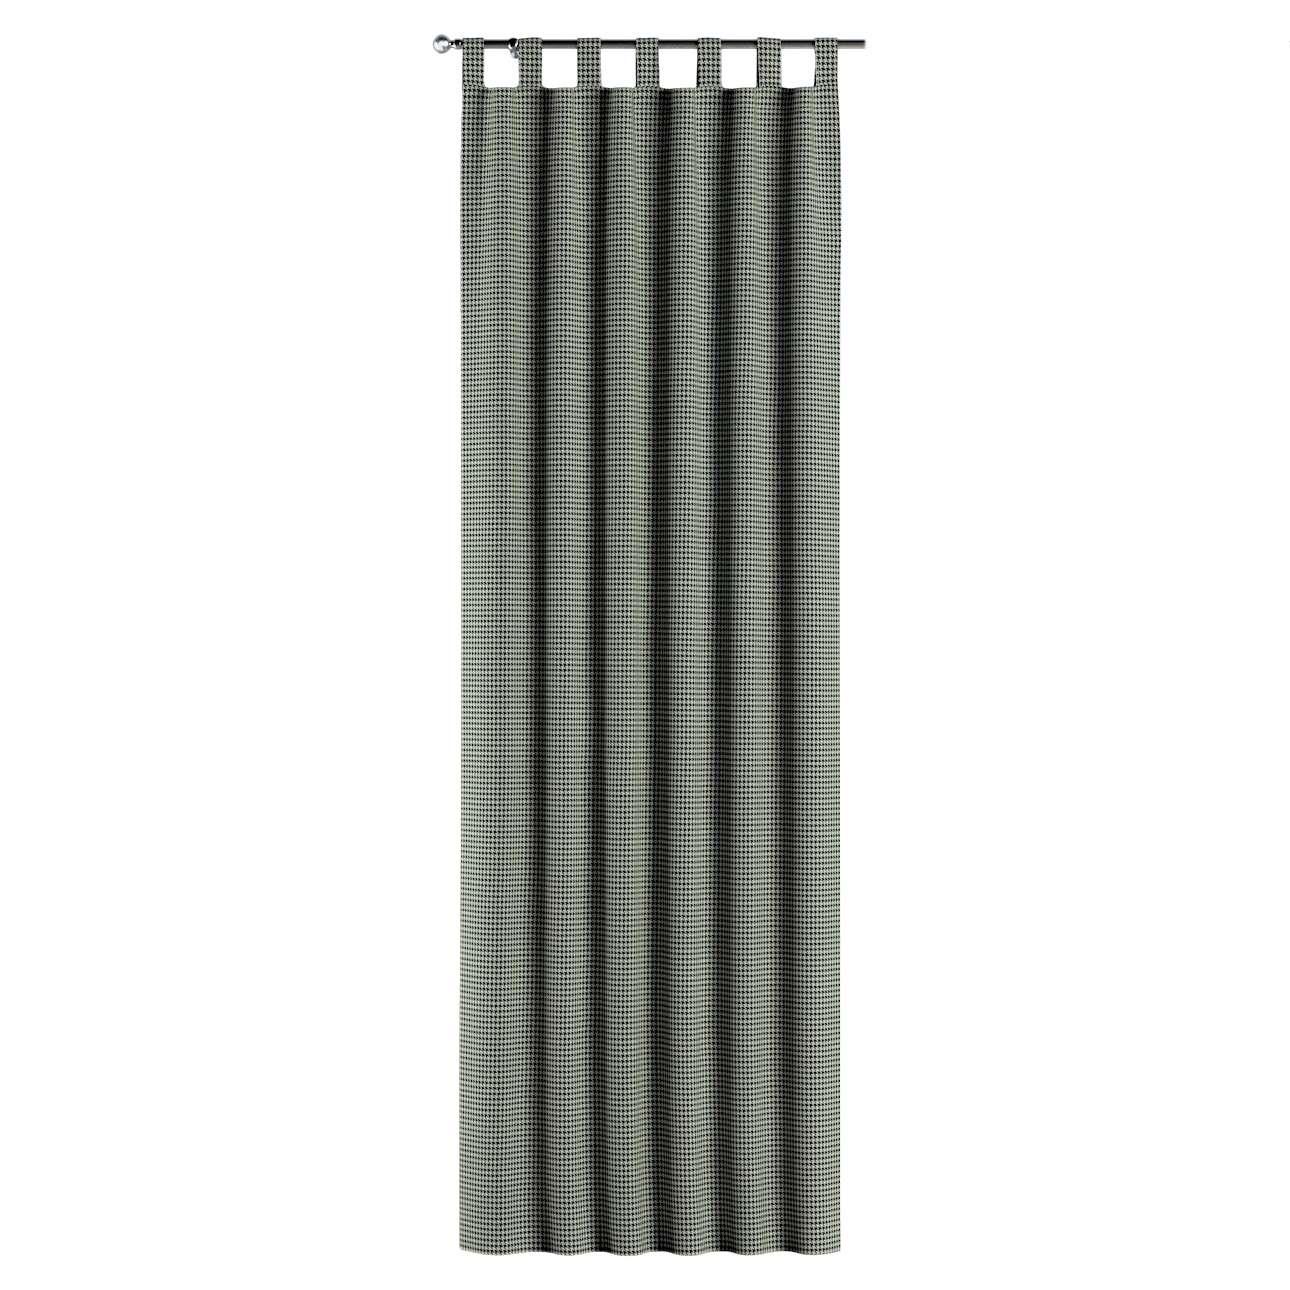 Füles függöny a kollekcióból Black & White szövet, Dekoranyag: 142-77